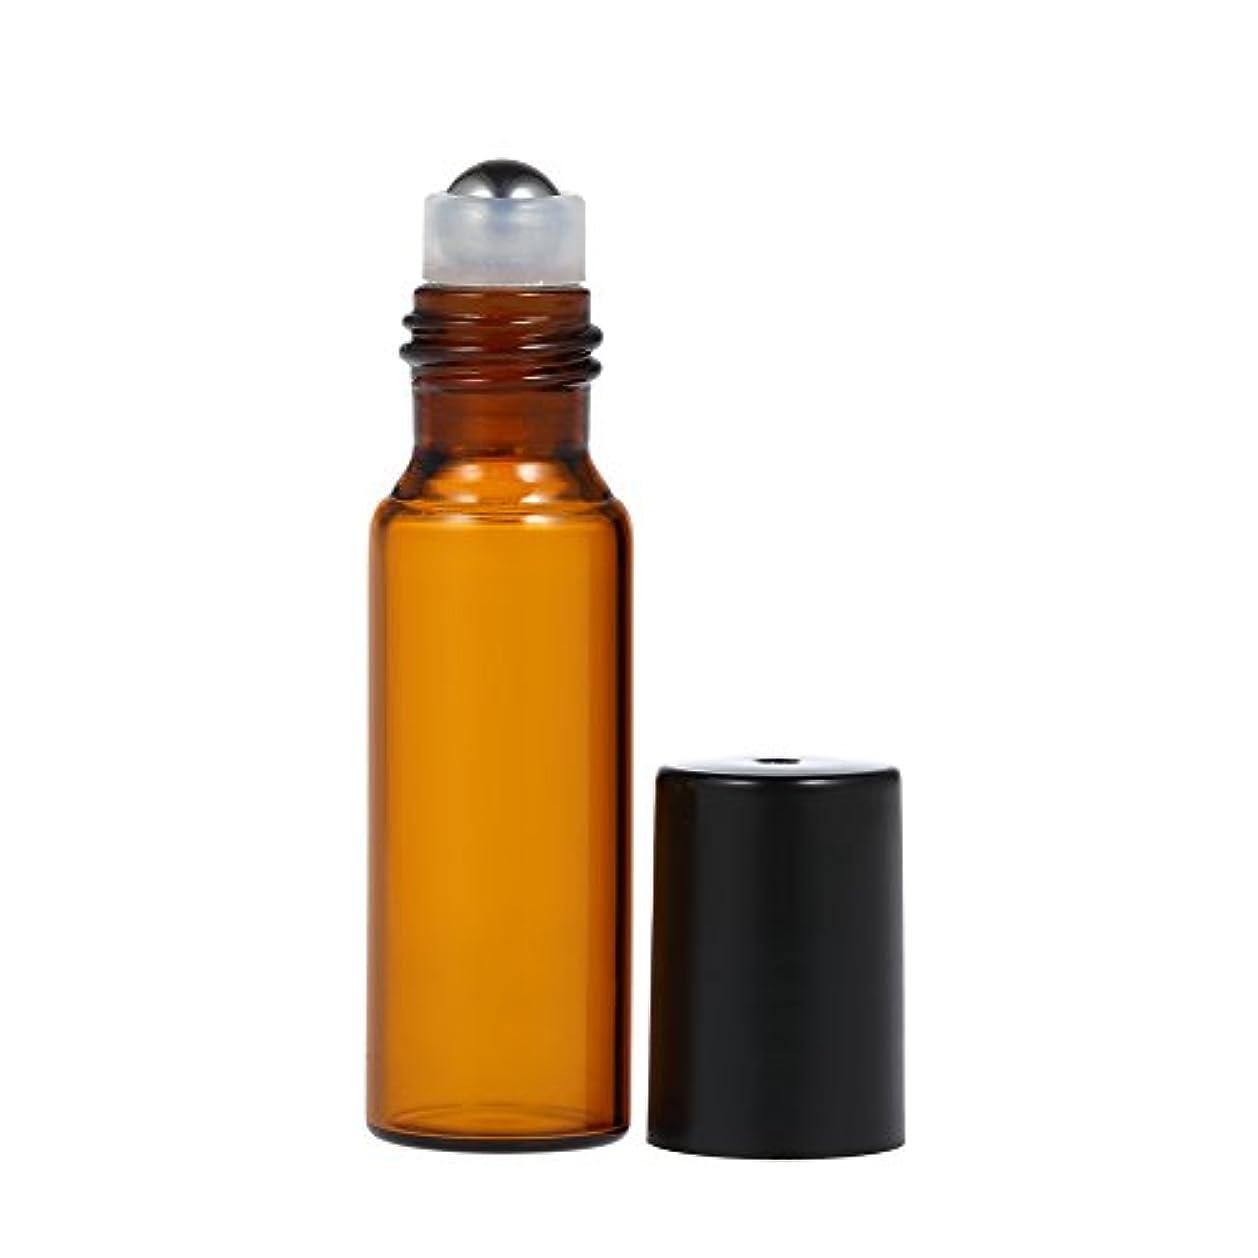 シルク前に責任Decdeal エッセンシャルオイルボトル アンバー ガラスボトル エッセンシャルオイルジャー 10個10ml